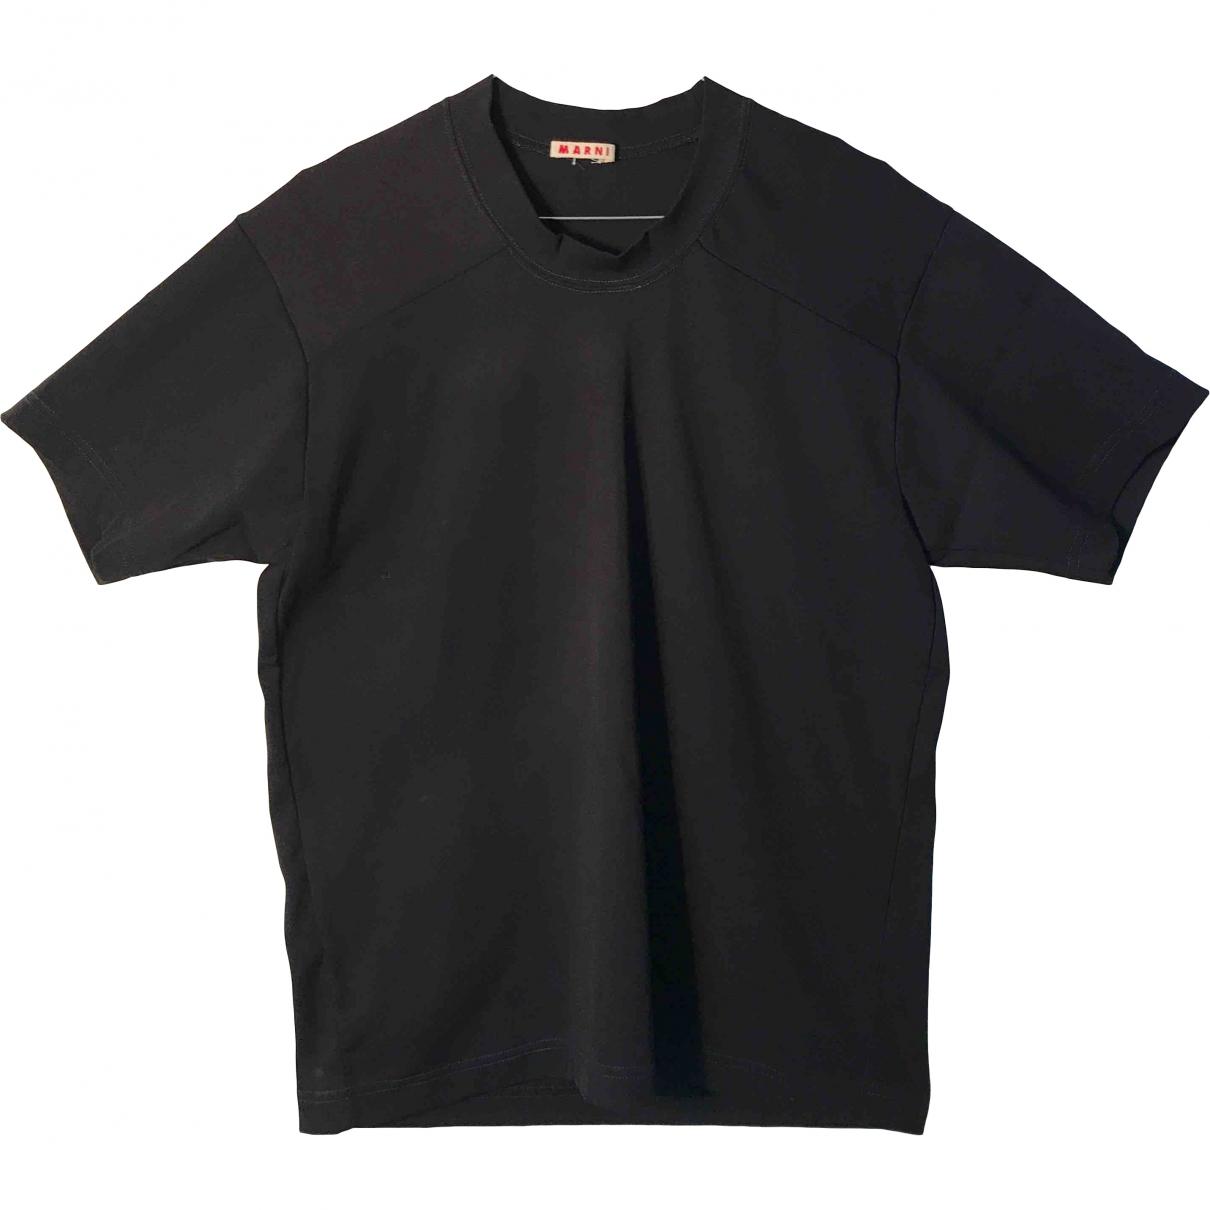 Marni - Tee shirts   pour homme - noir